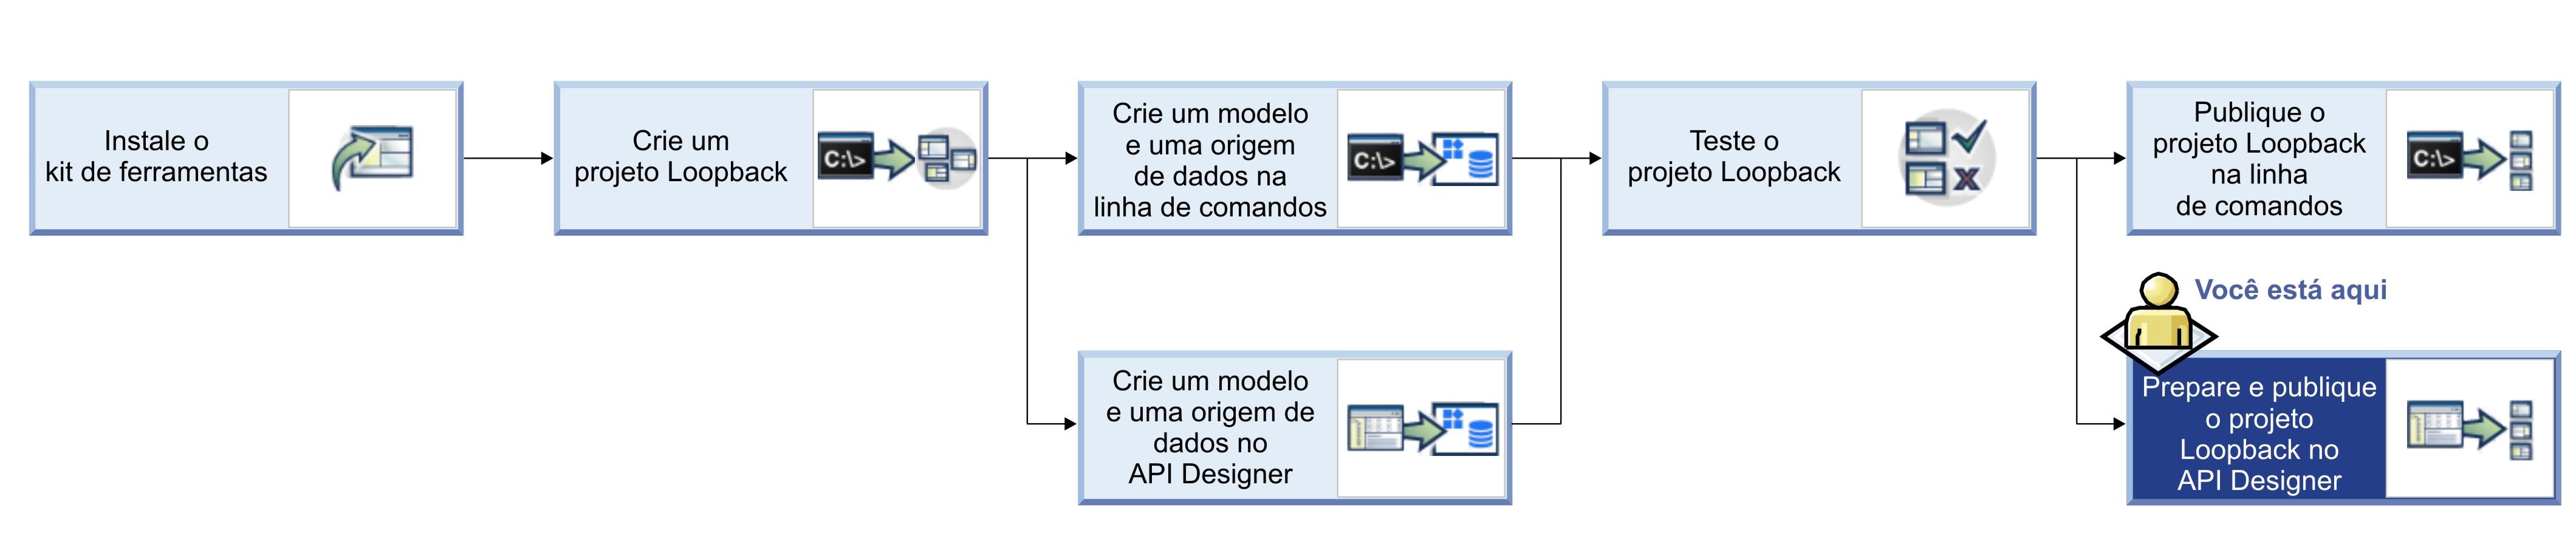 Tutorial preparao e publicao de um projeto a partir do api designer fluxograma do tutorial para trabalhar com projetos loopback ccuart Images